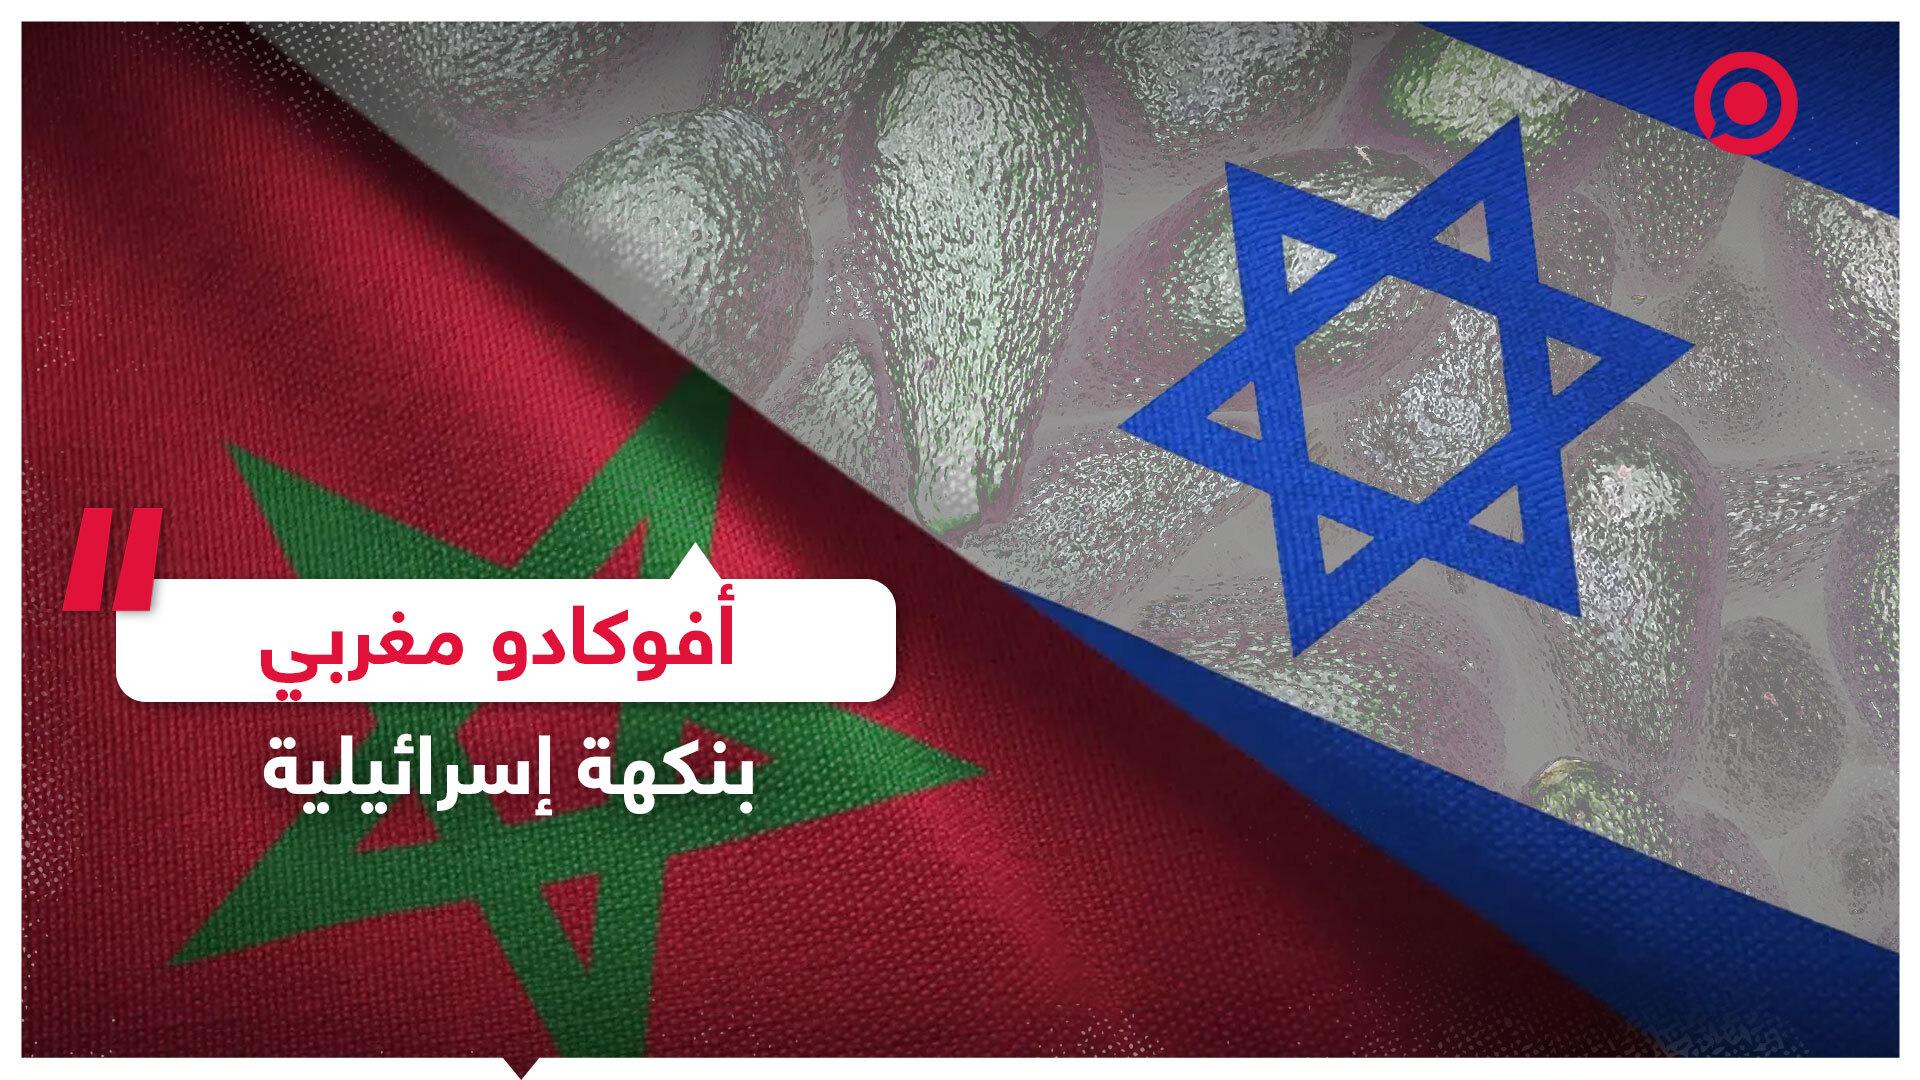 أفوكادو مغربي بنكهة إسرائيلية